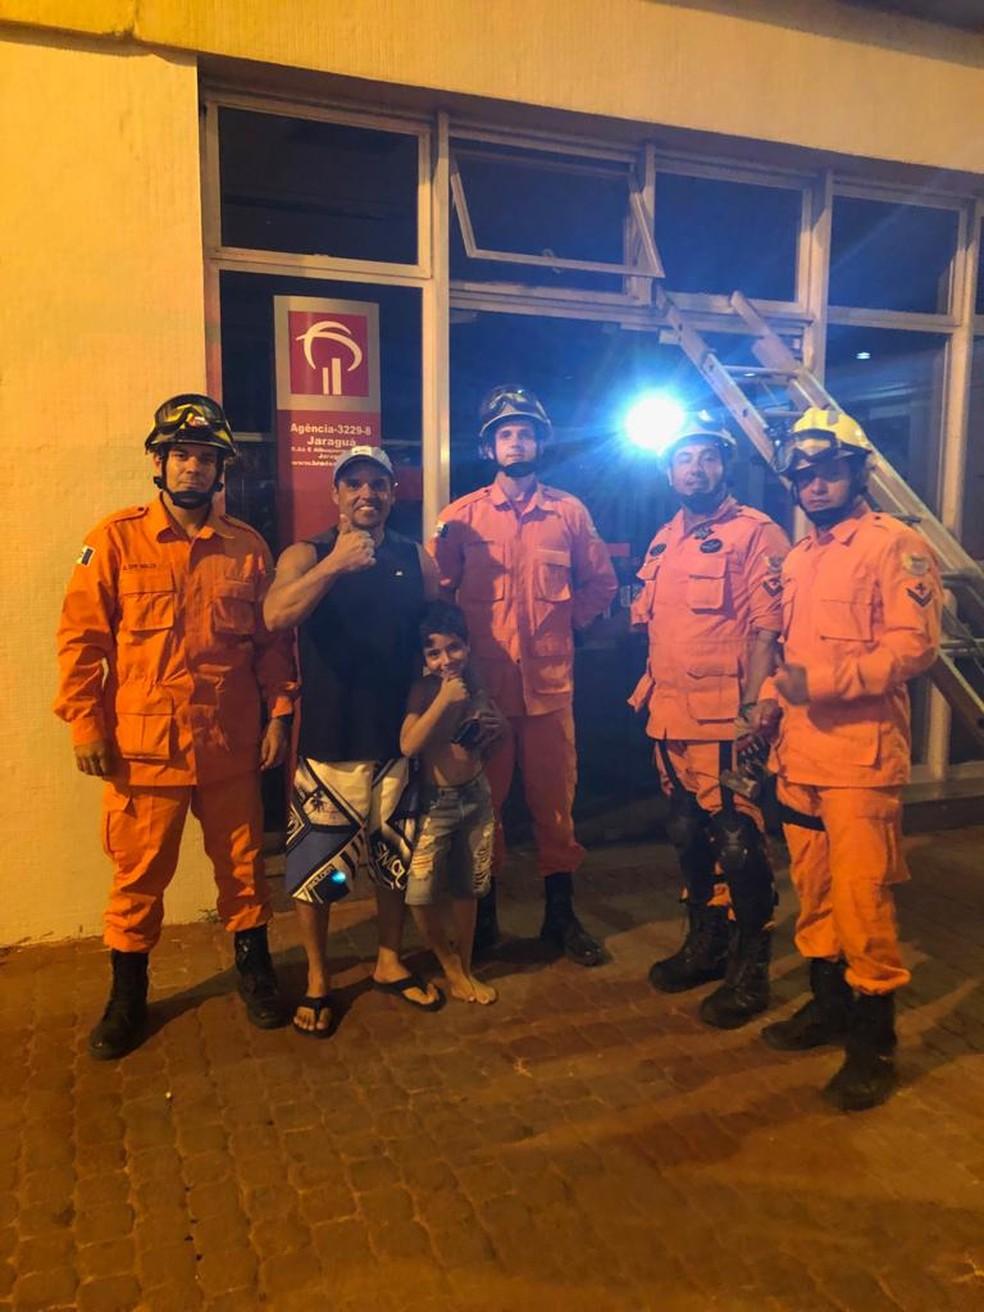 Pai e filho, que ficaram trancados em agência bancária em Maceió, após serem resgatados pelos bombeiros — Foto: Divulgação/Corpo de Bombeiros de Alagoas